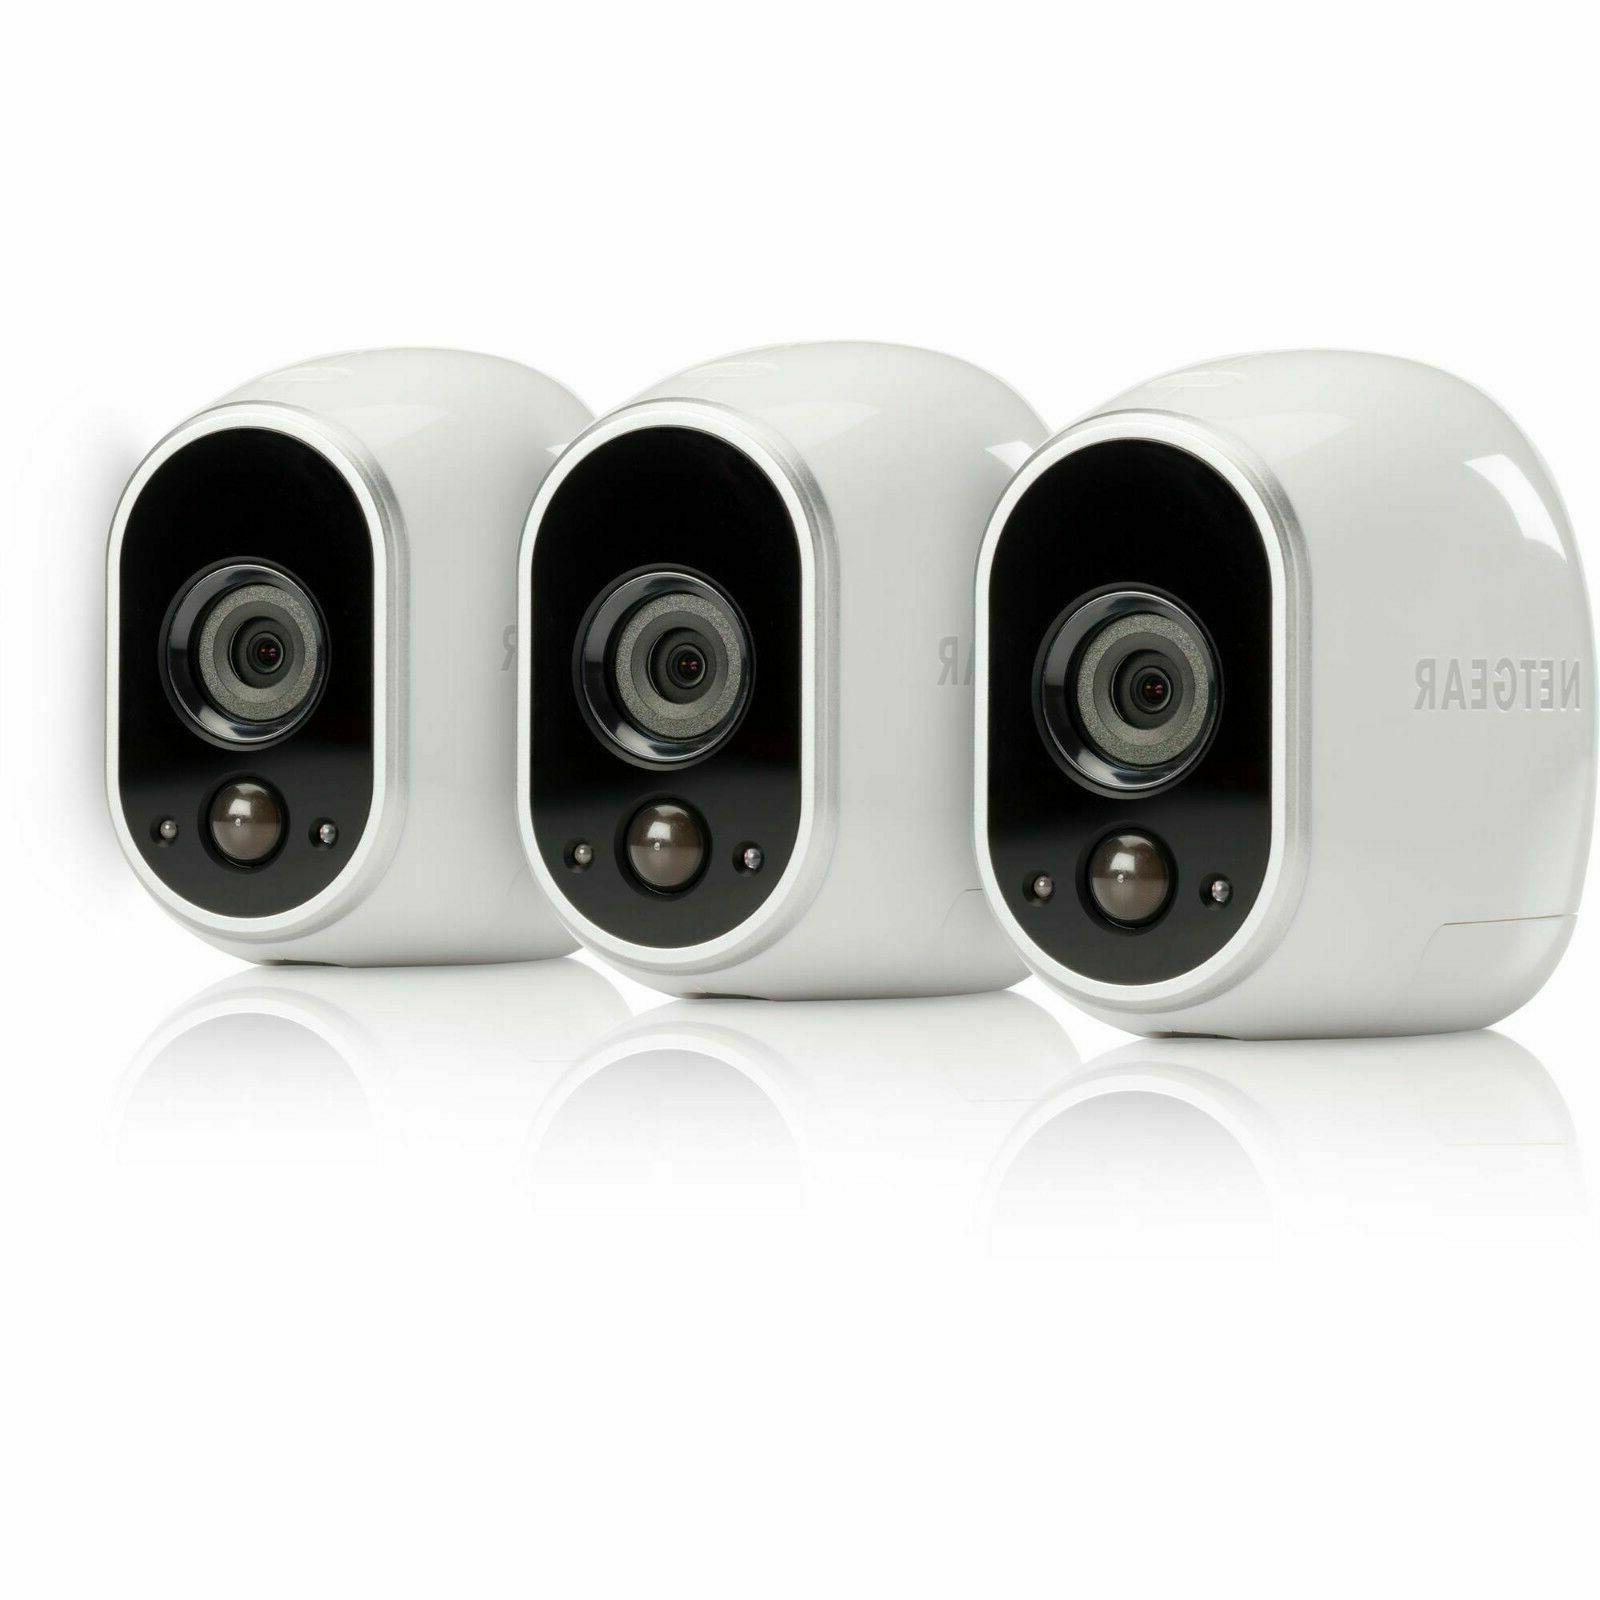 Arlo System - 3 Cameras Indoor/Outdoor/Night vision